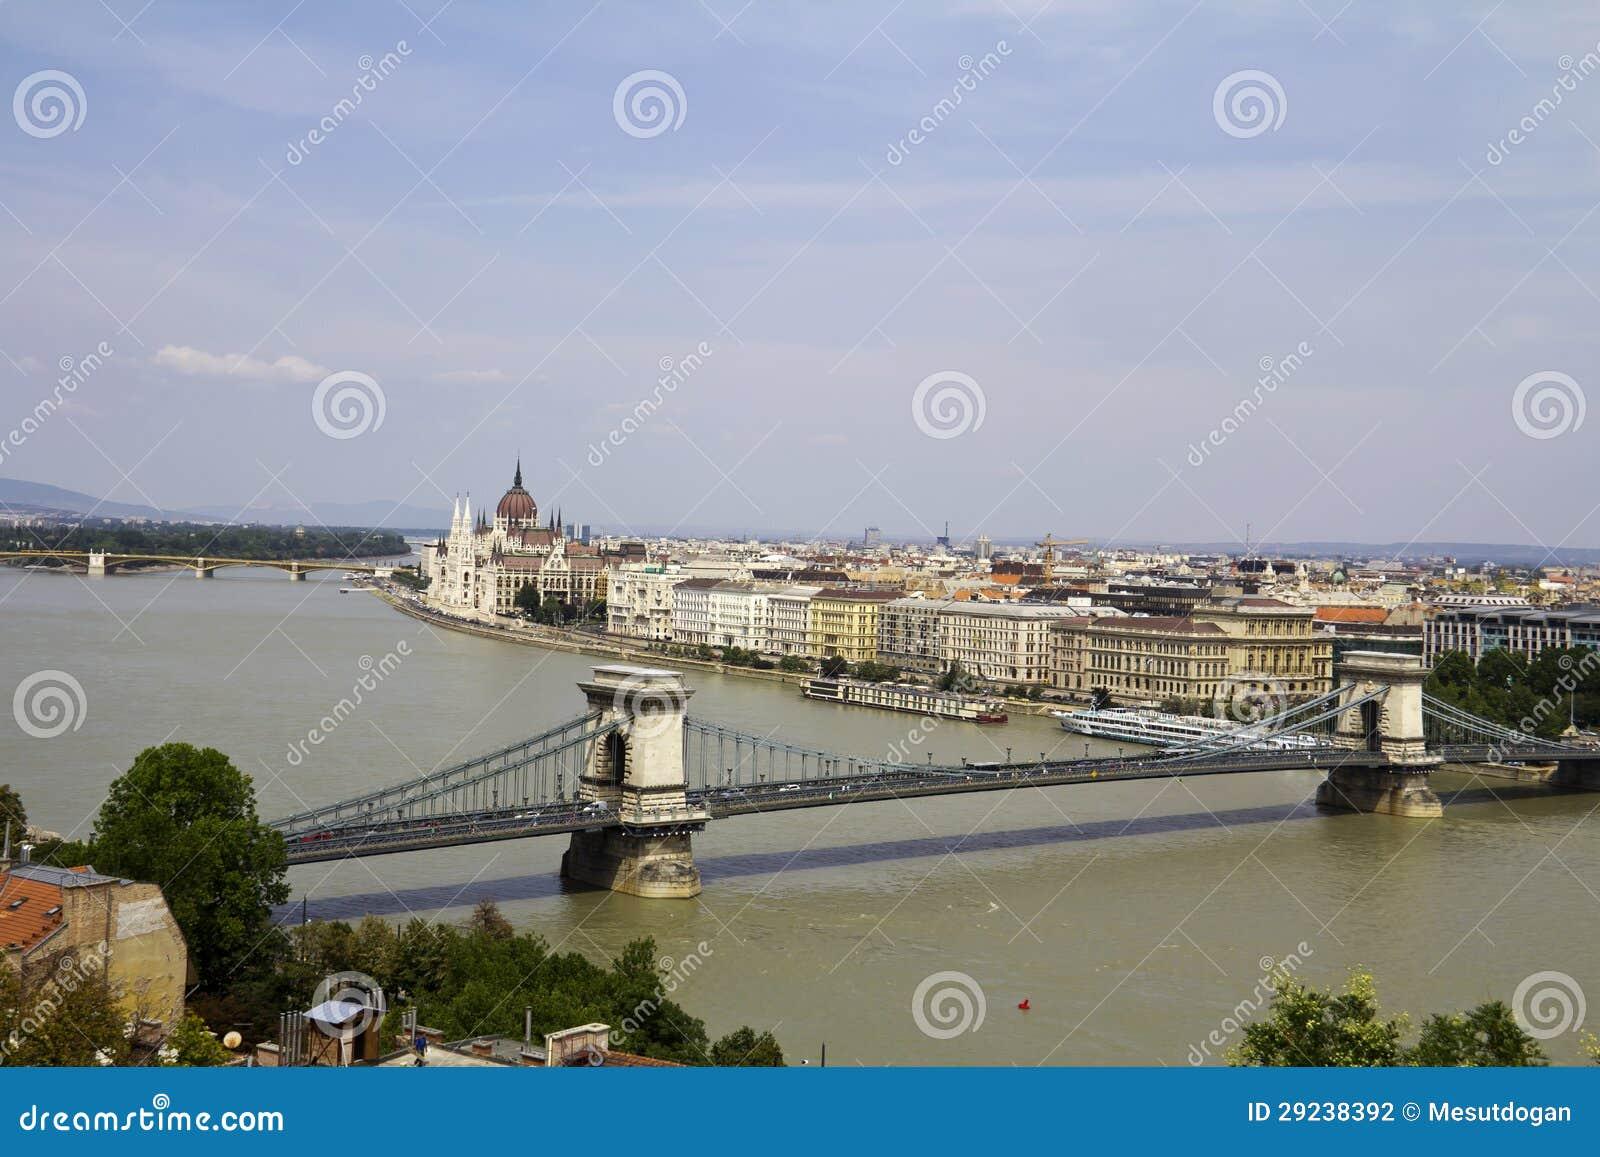 Download Ponte Chain foto de stock. Imagem de ponte, cultura, conexão - 29238392